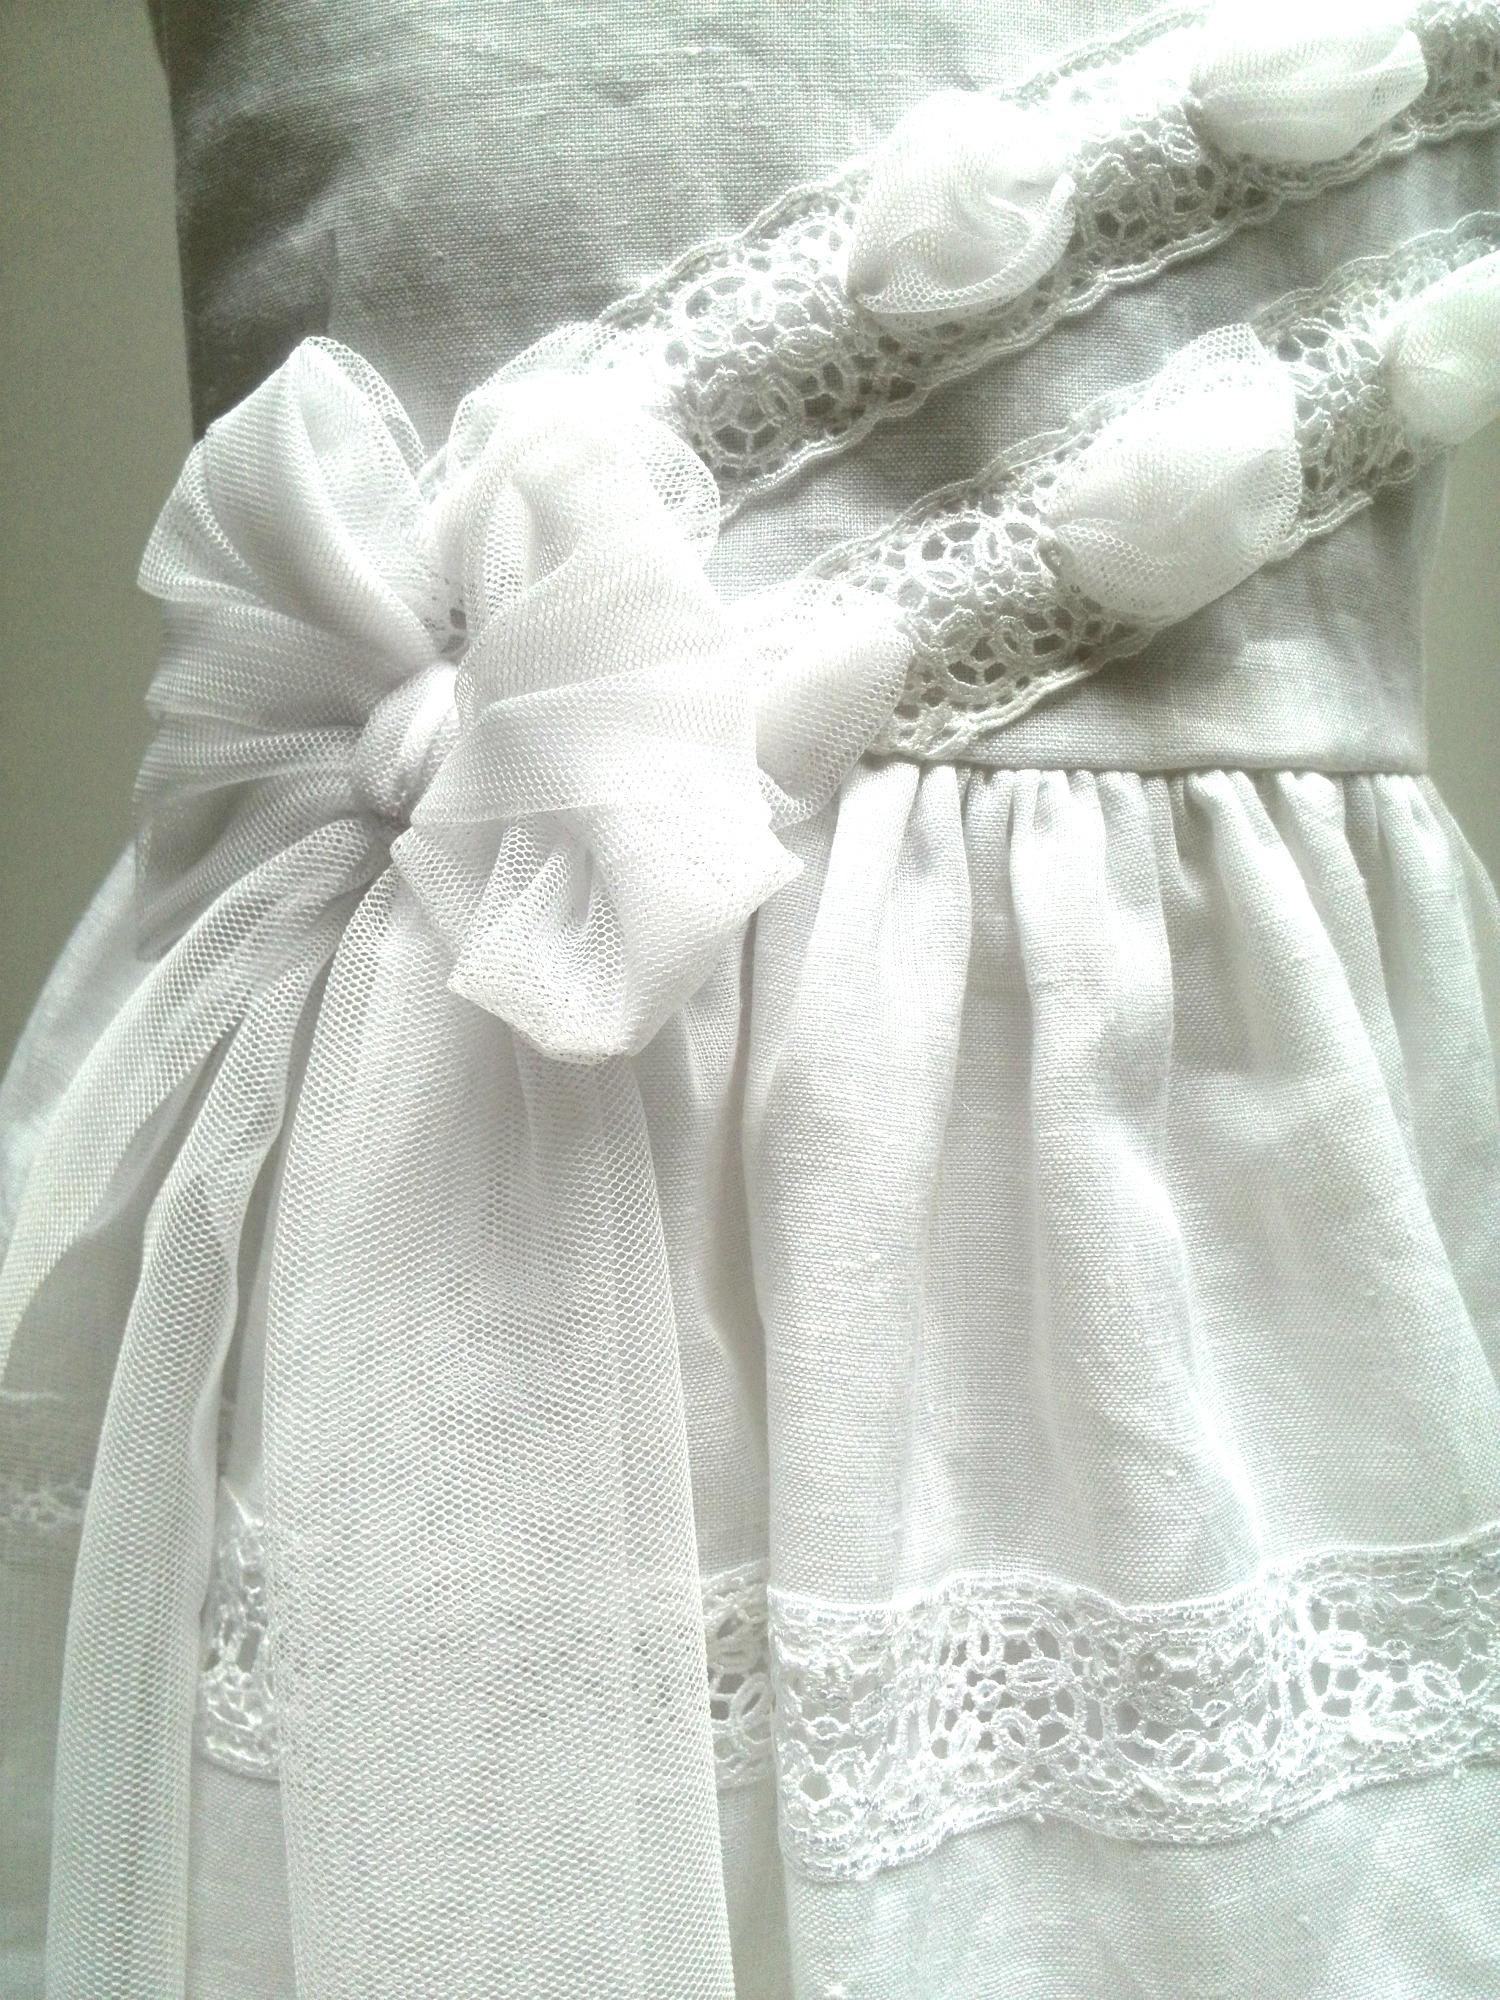 Βάπτιση Κορίτσι - Βαπτιστικά Ρούχα  ΦΟΡΕΜΑ ΒΑΠΤΙΣΗΣ ΚΩΔ. 003